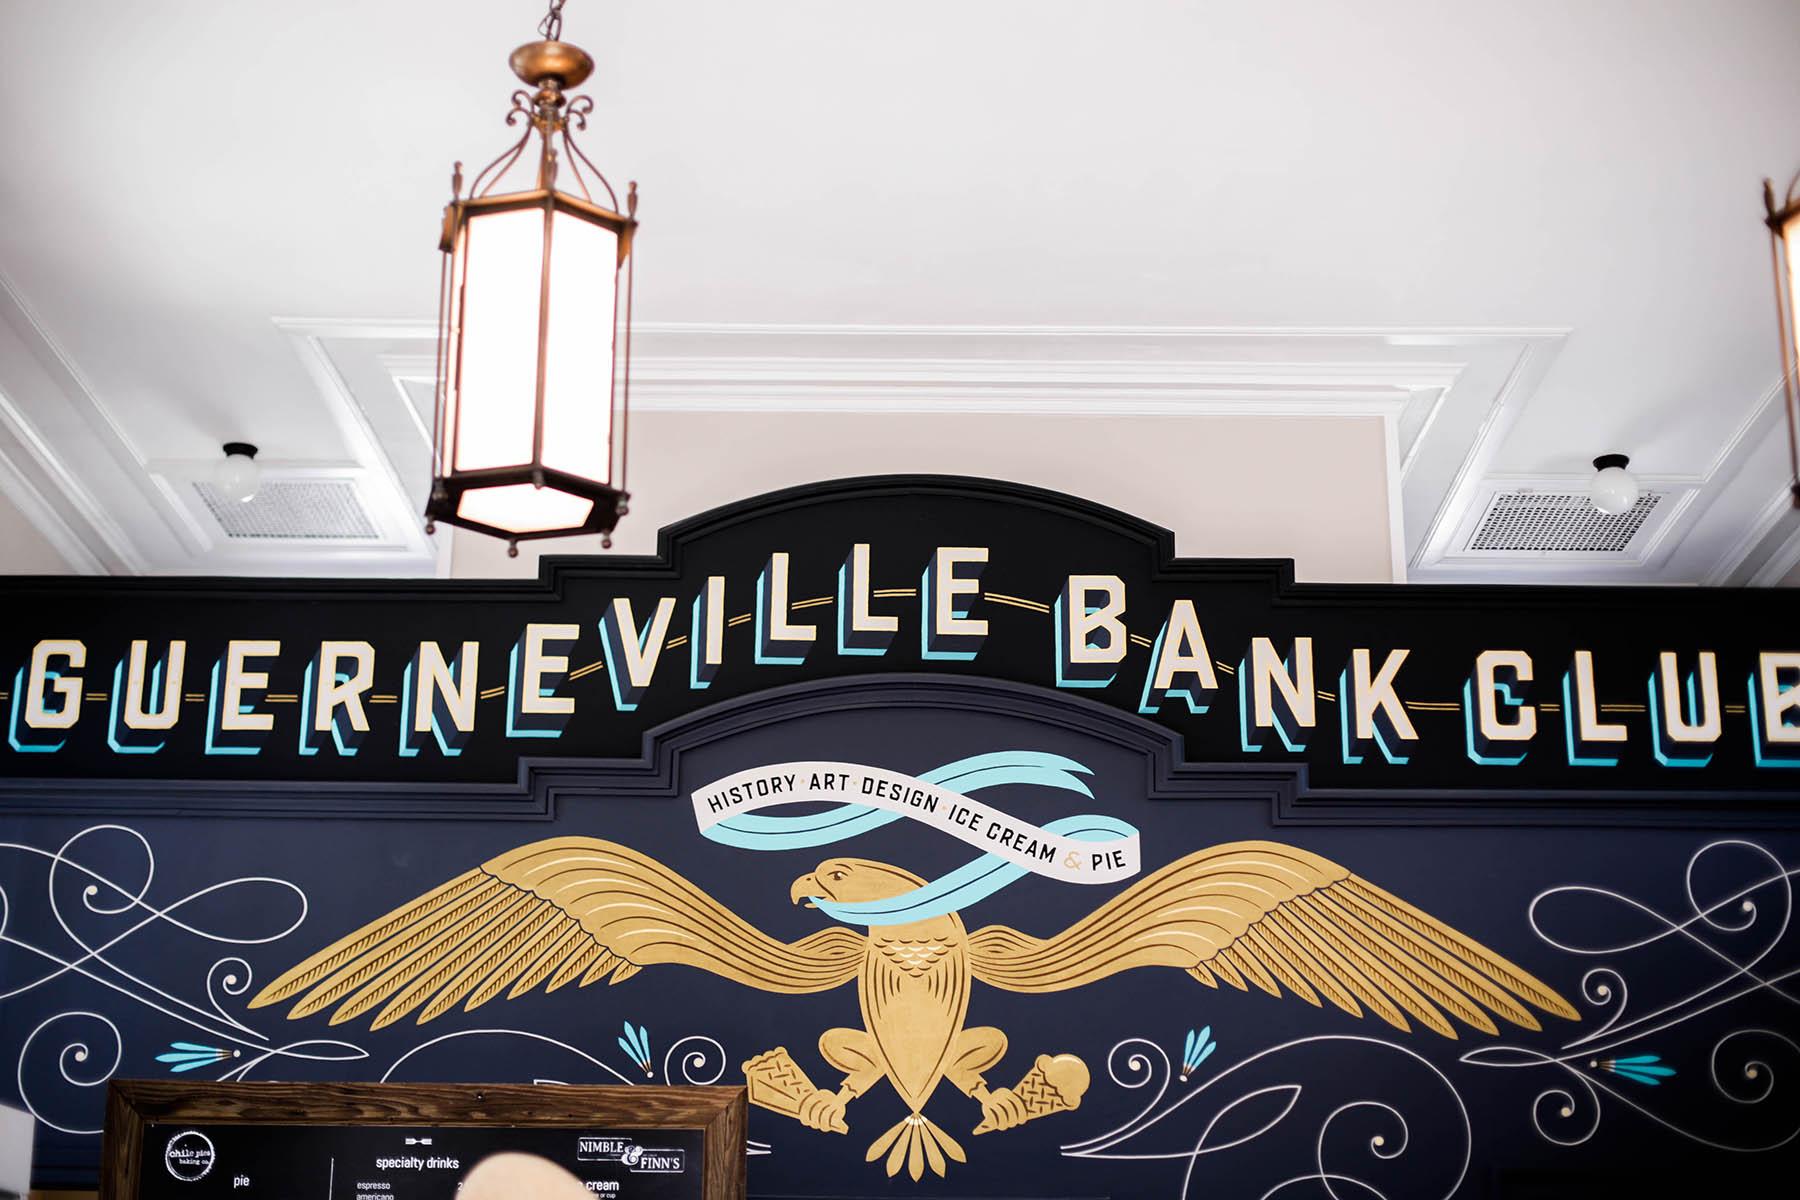 Guerneville Bank Club, California